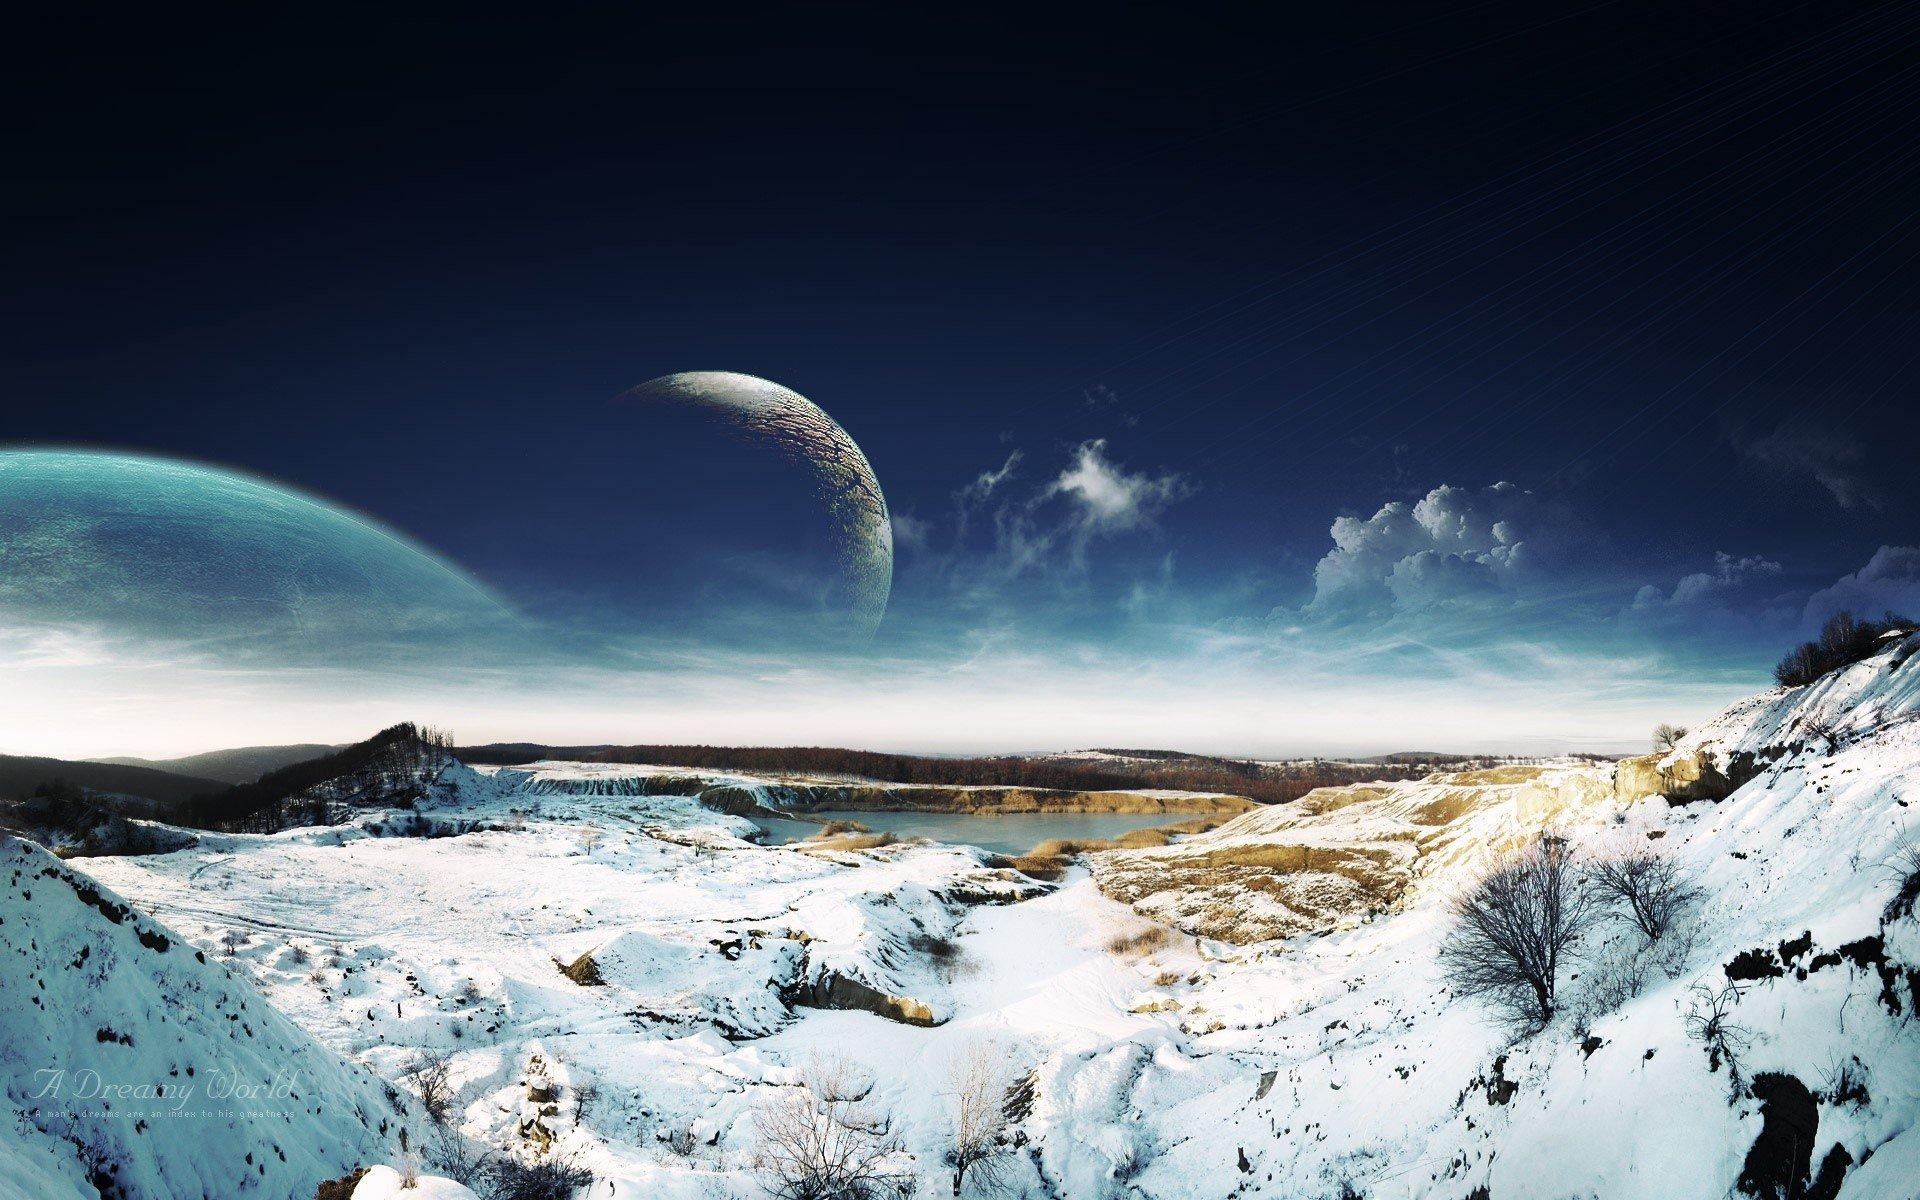 Wallpaper Dreamy snowy landscape